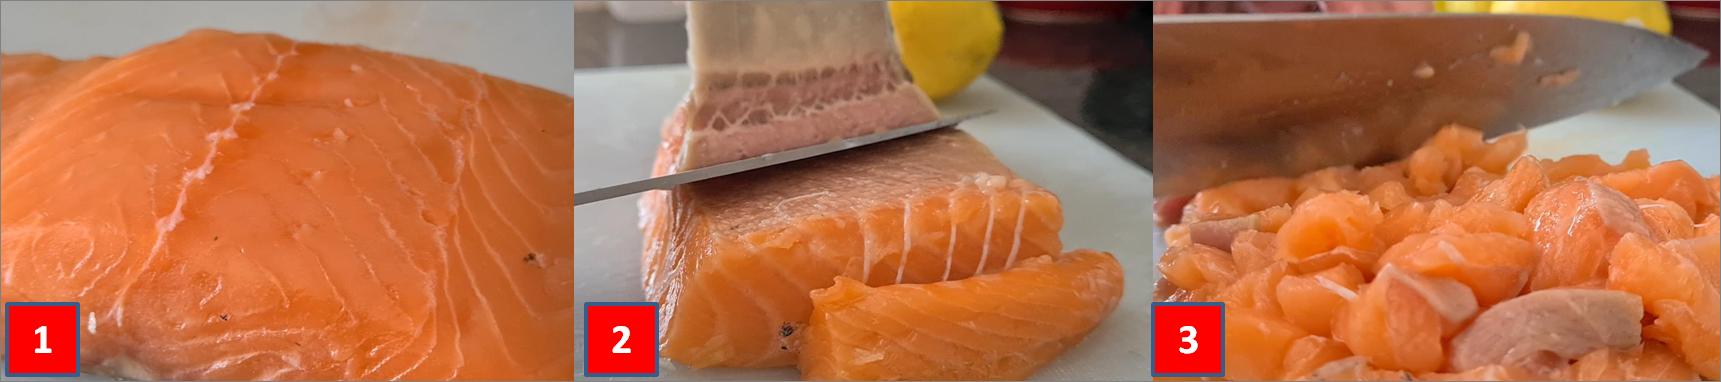 ricetta passo passo tartare di salmone e avocado